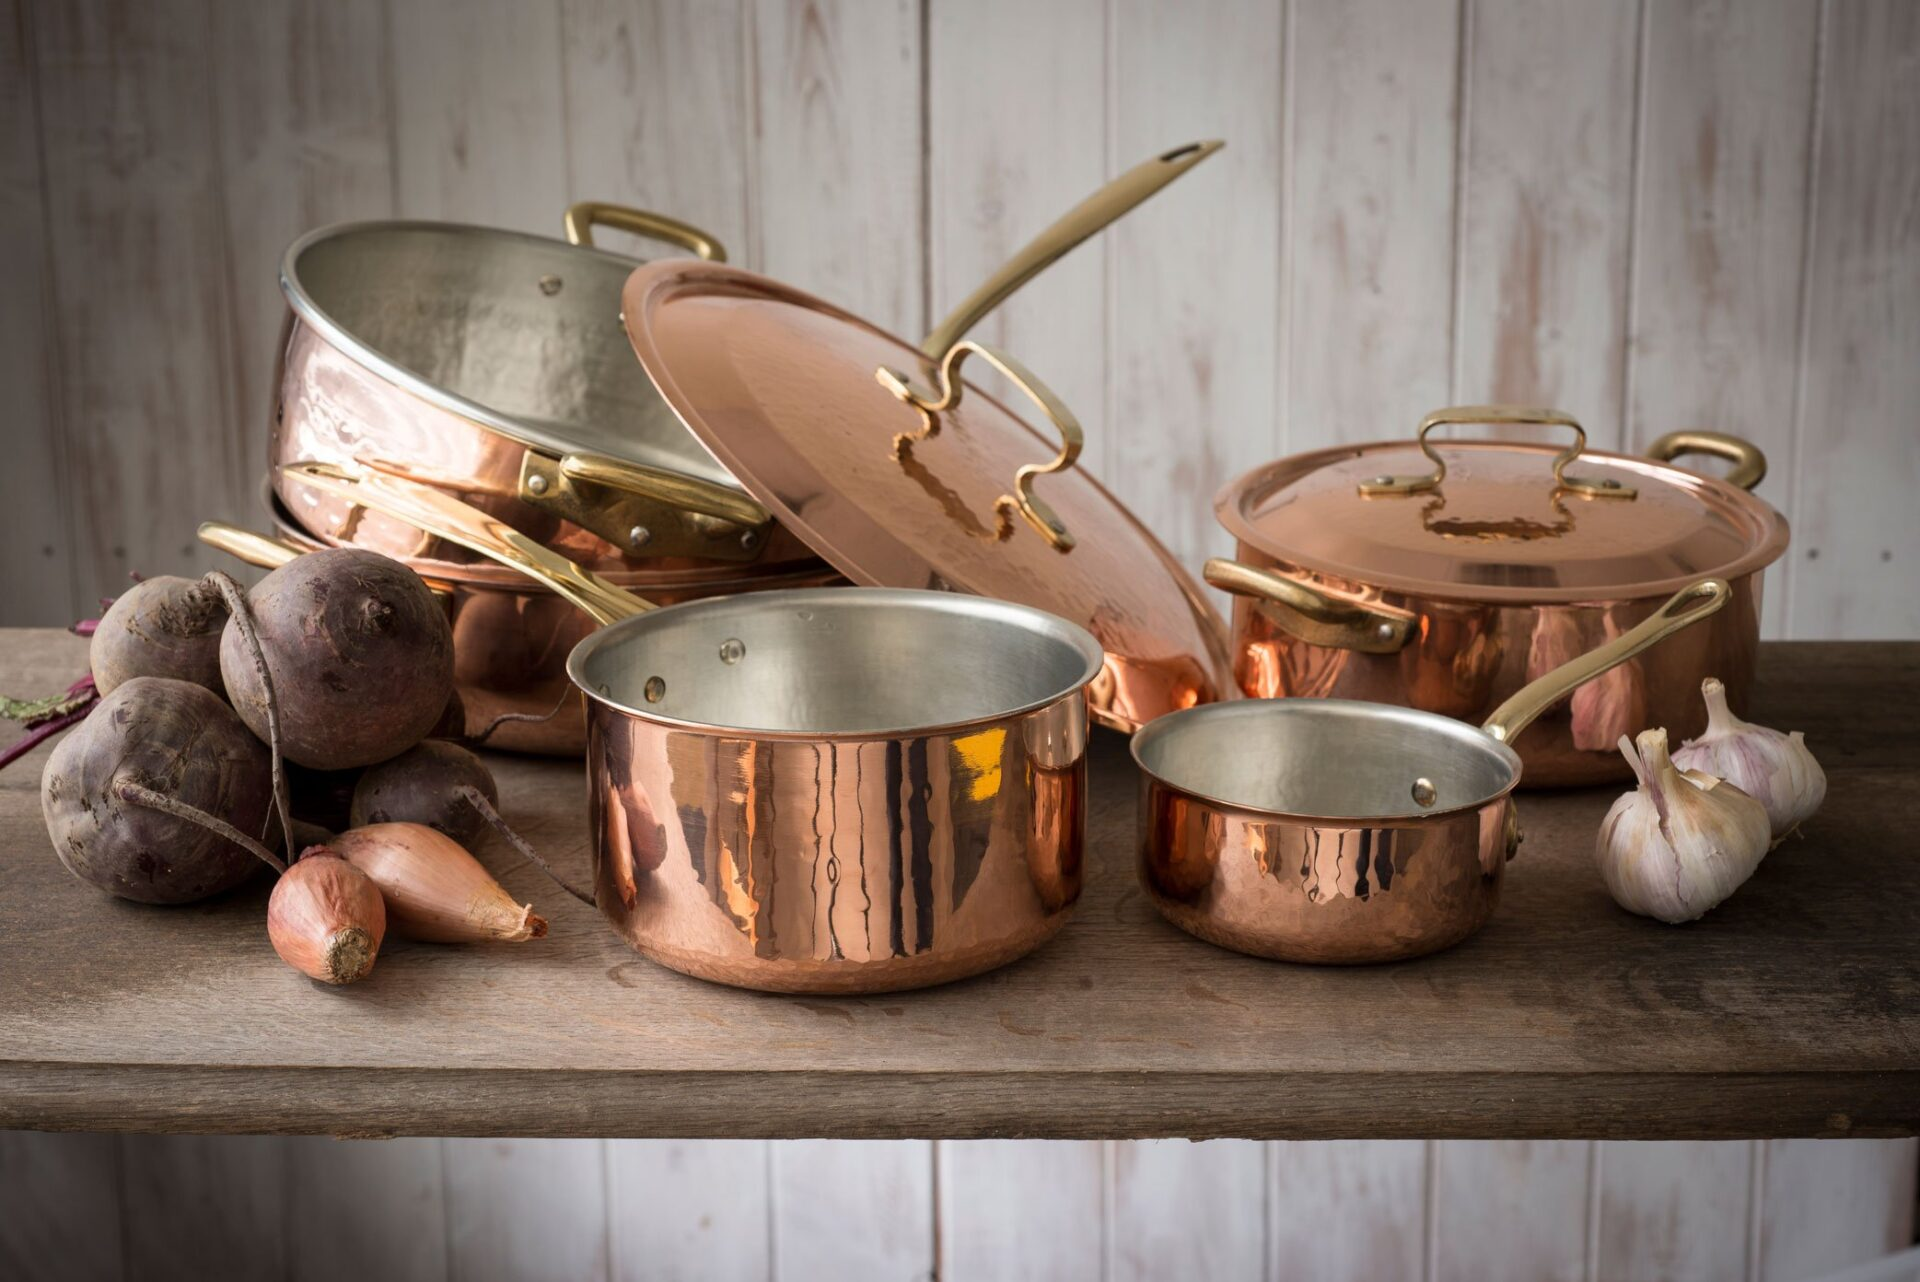 Handmade Copper Cookware